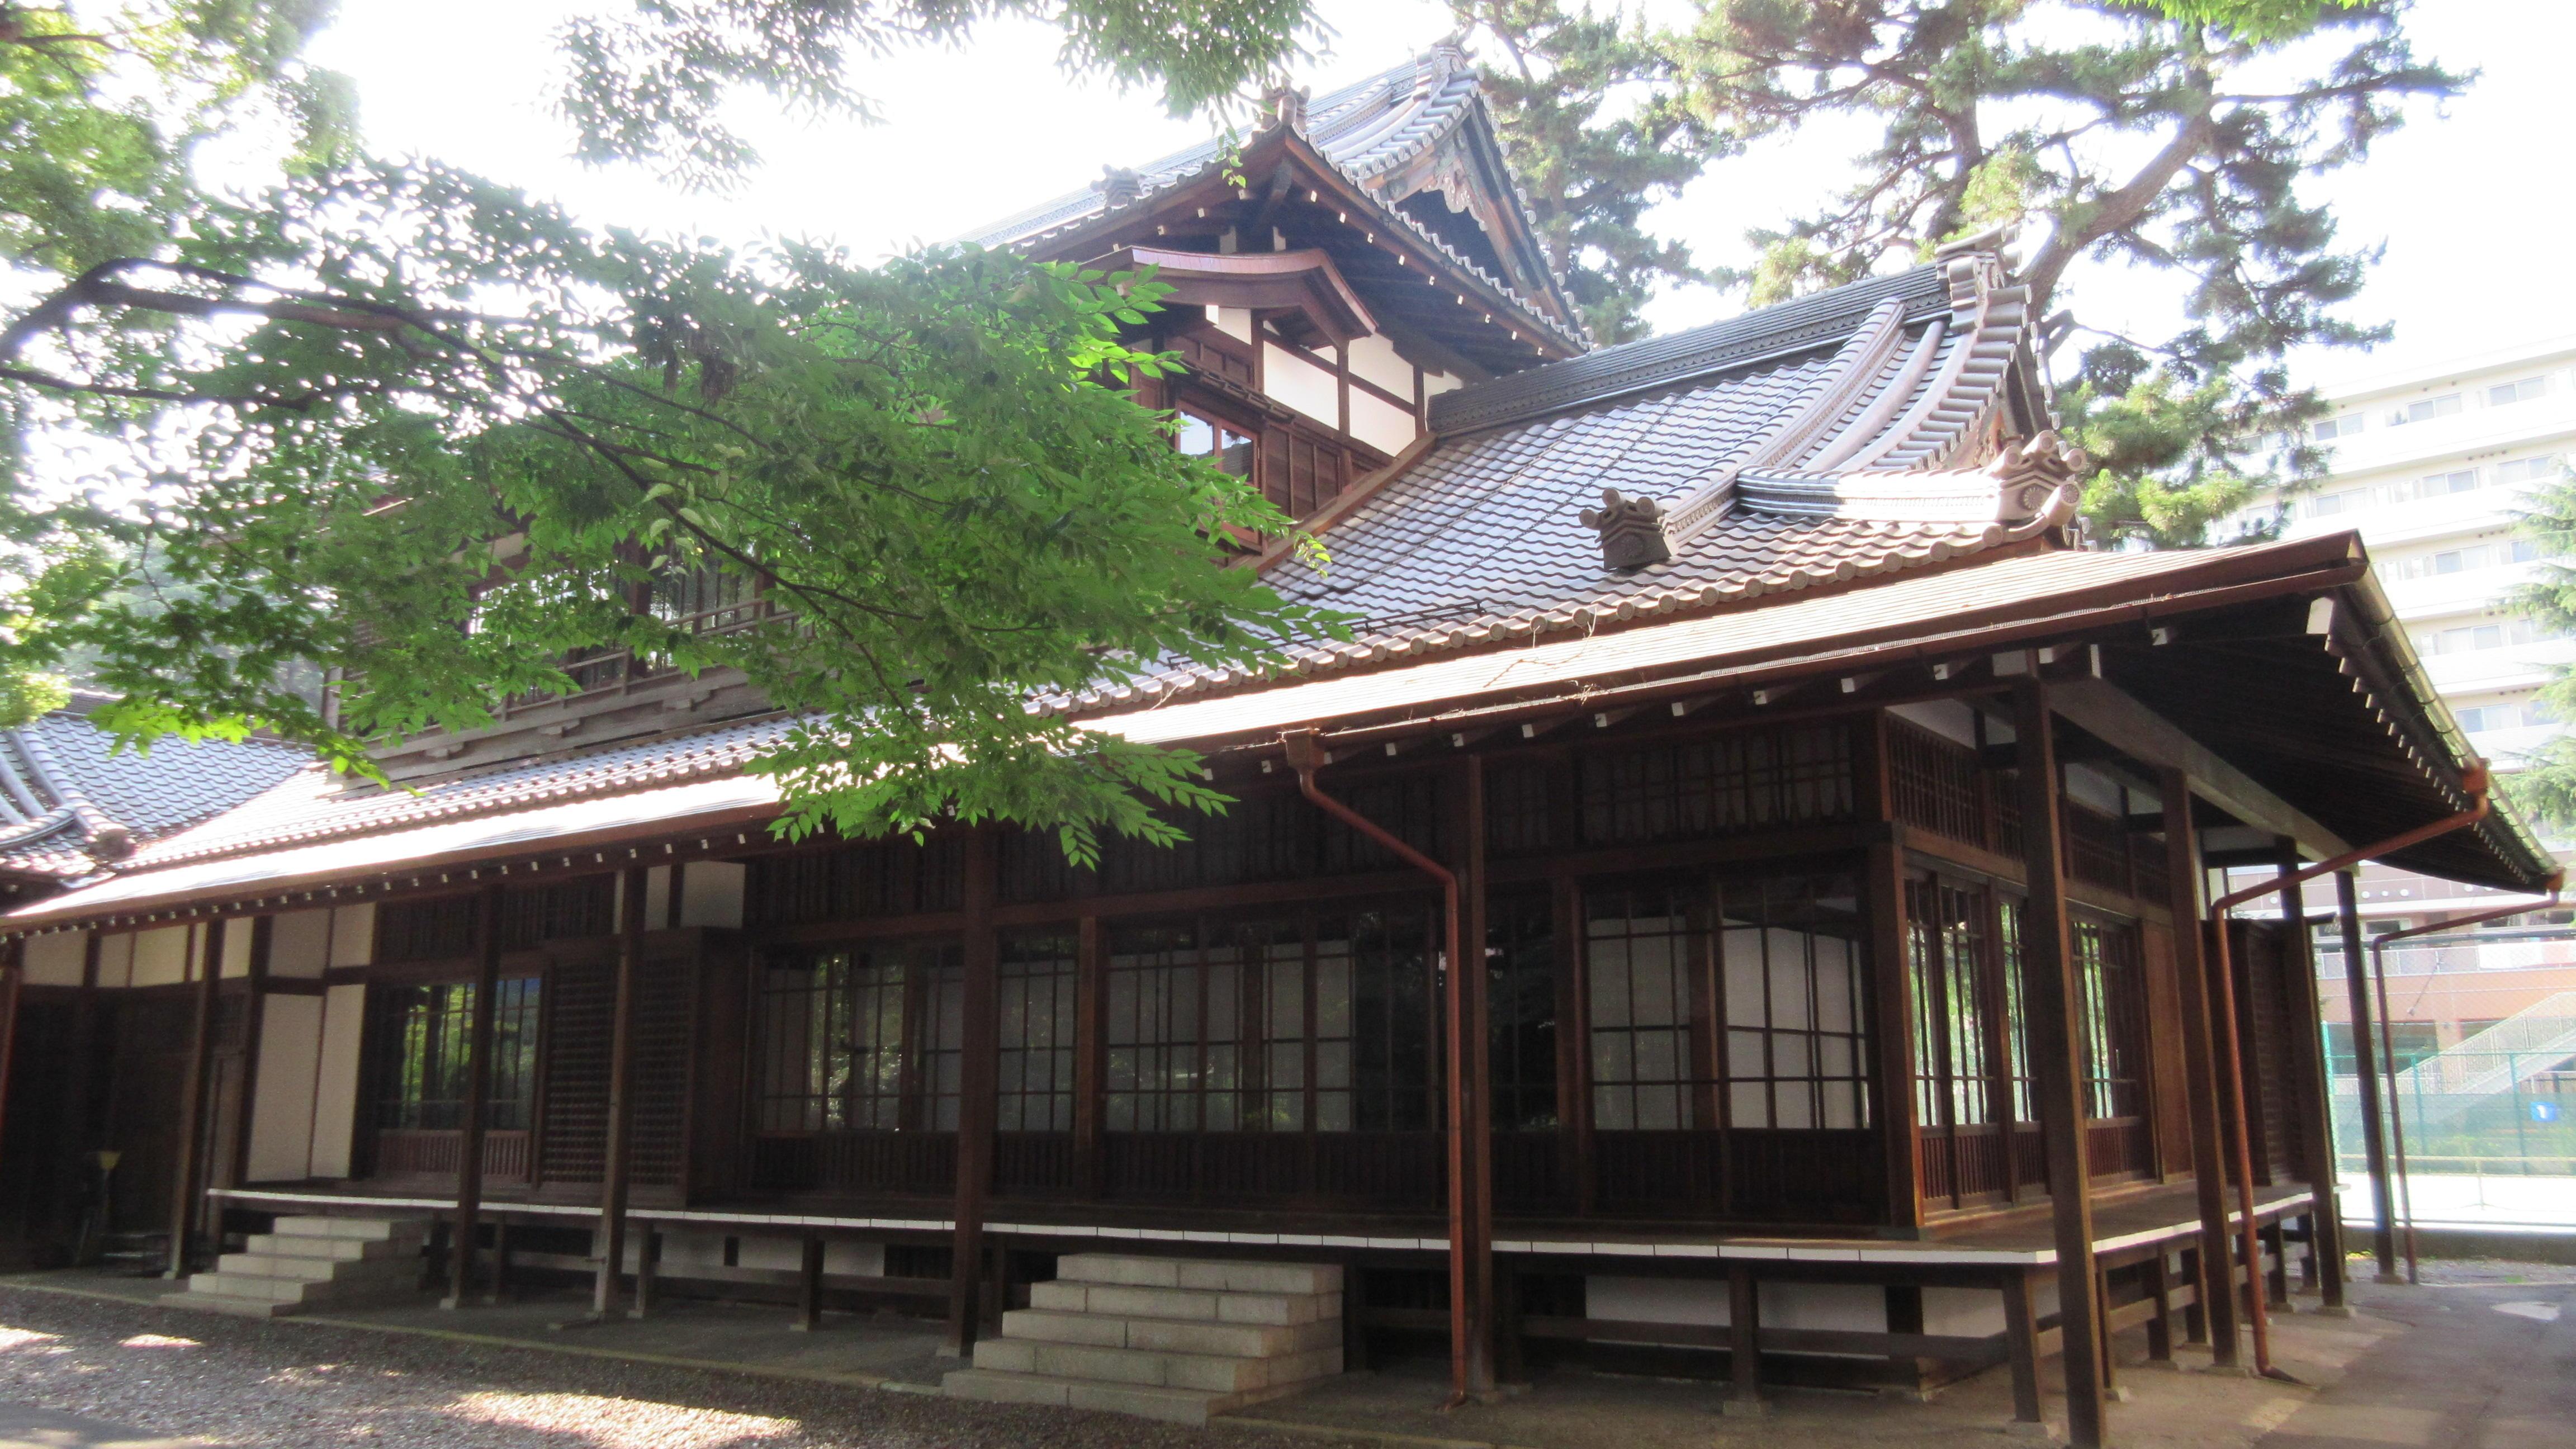 聖心女子大学キャンパス内の旧久邇宮邸(通称「パレス」等)が、国の重要文化財に指定へ